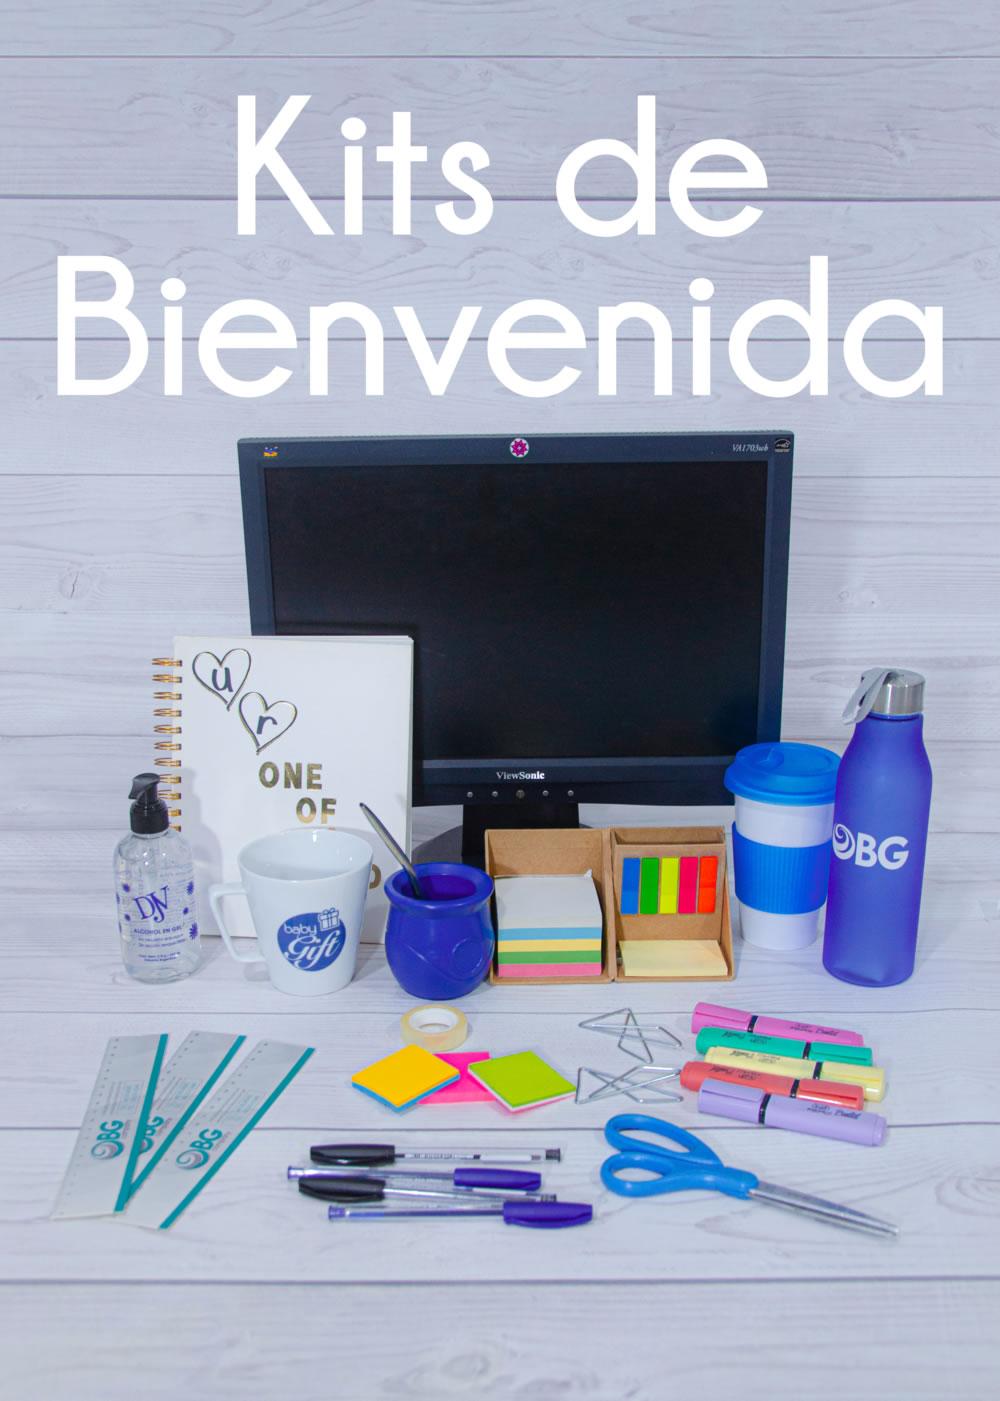 Kits de Bienvenida para empresas